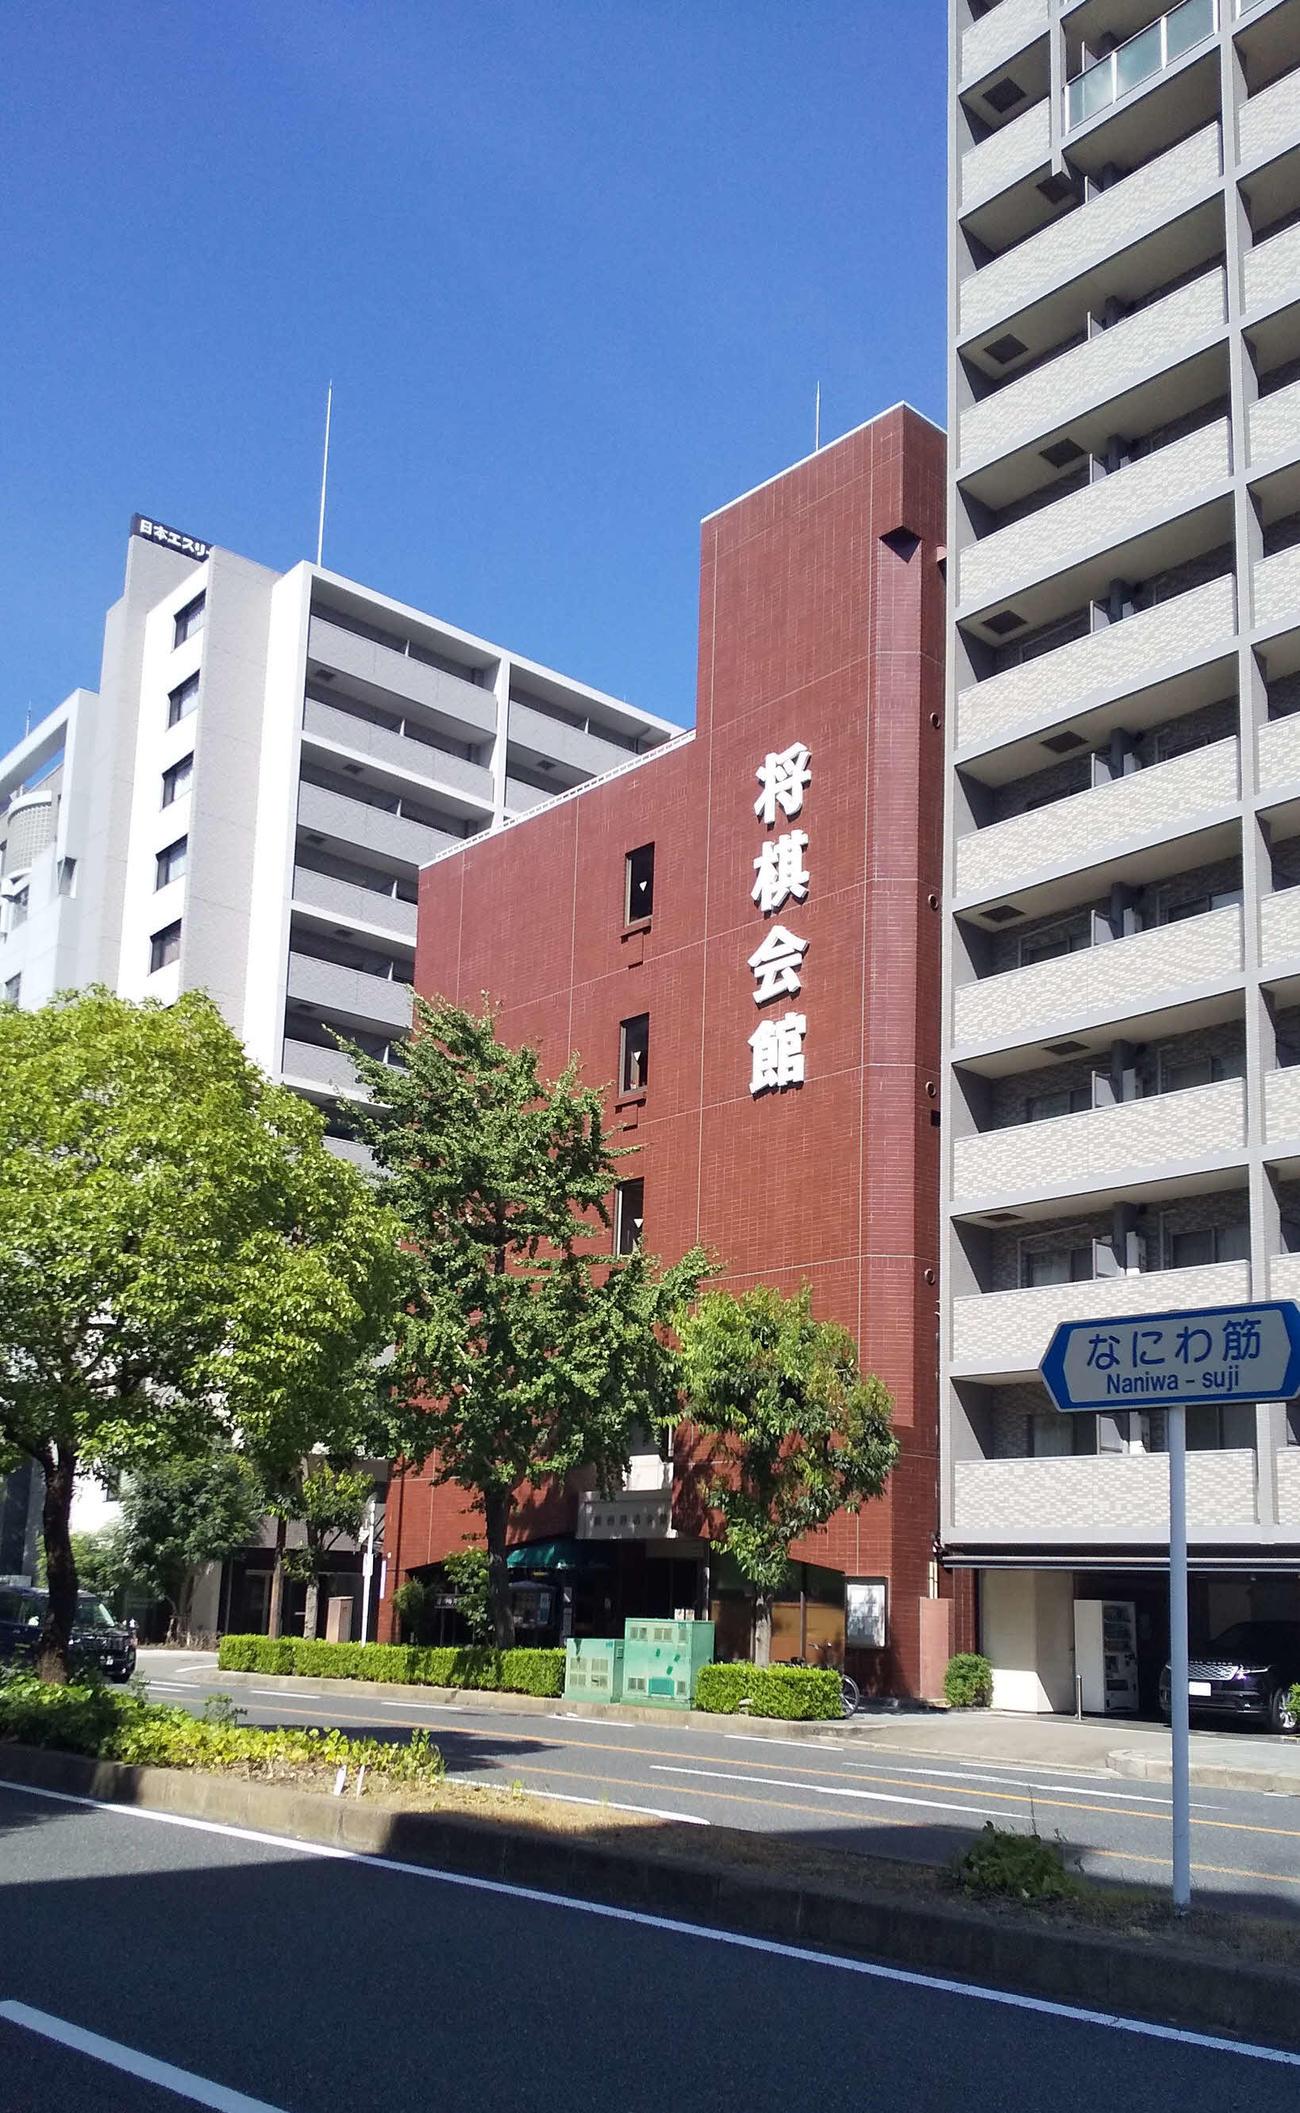 大阪市福島区にある現在の関西将棋会館(20年8月14日撮影)